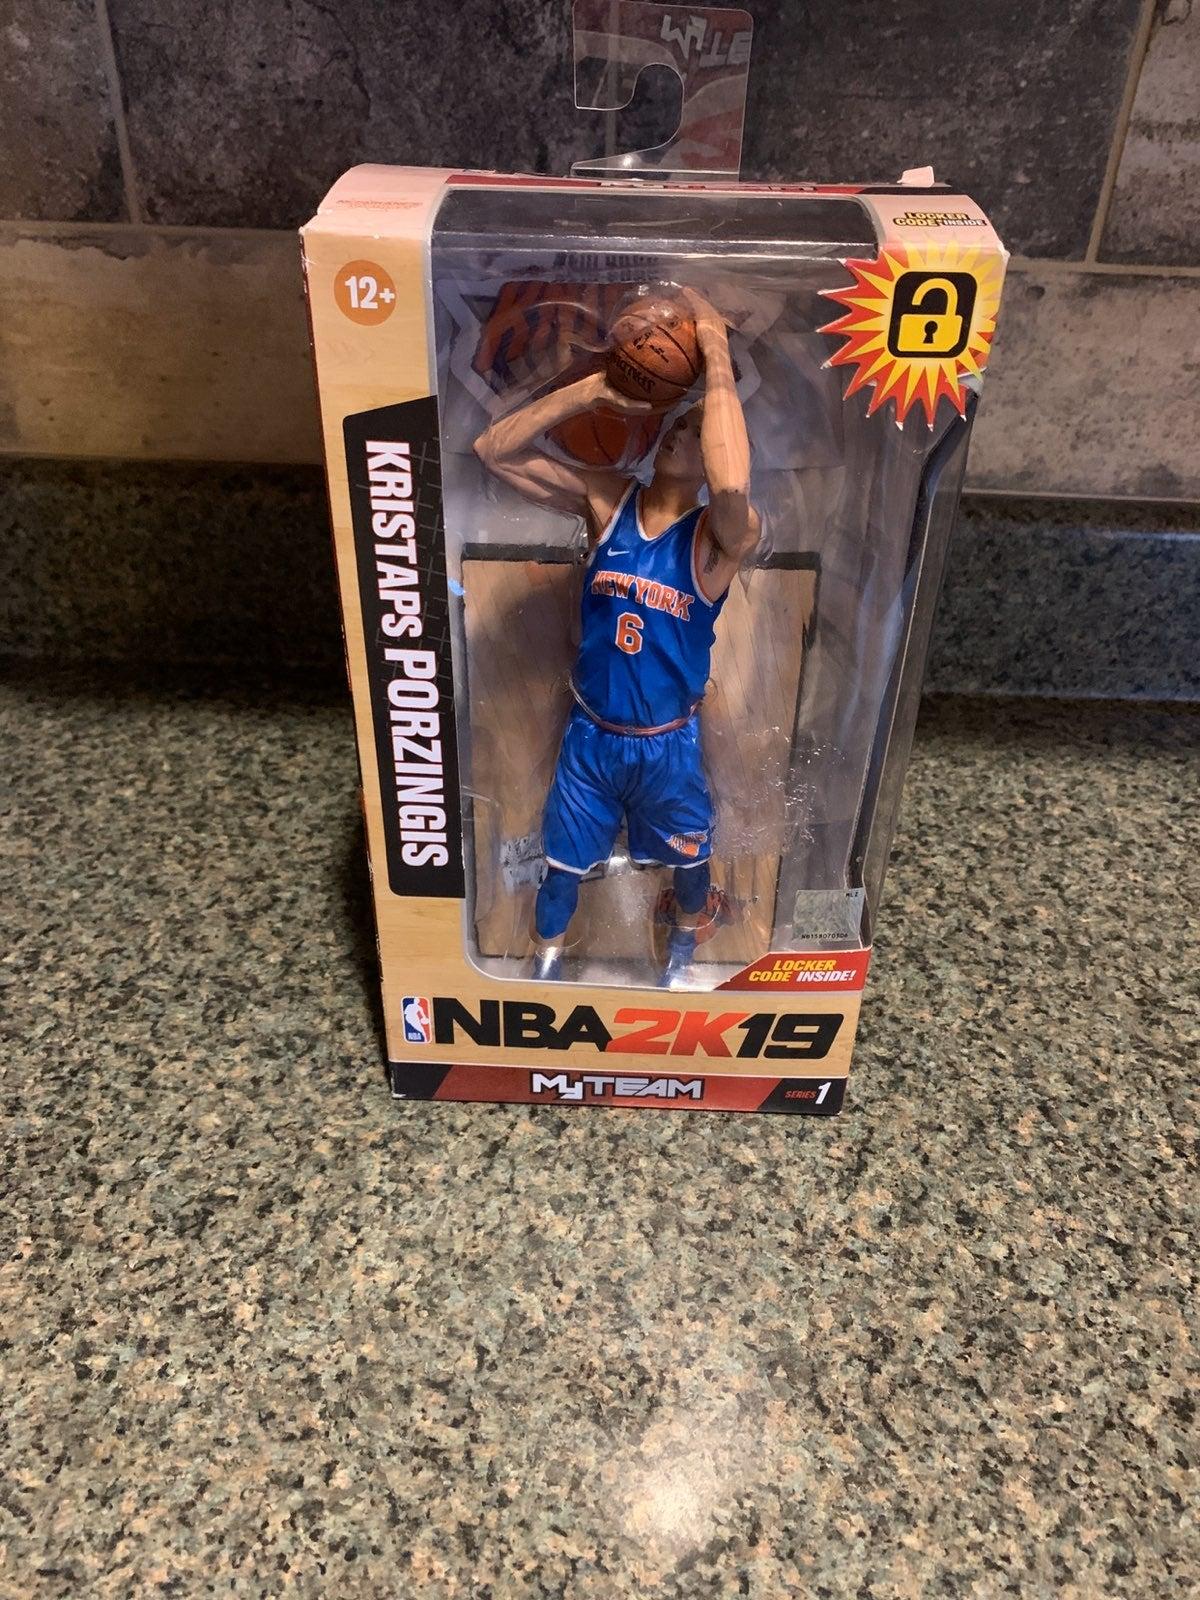 NBA 2k19 Kristaps Porzingis